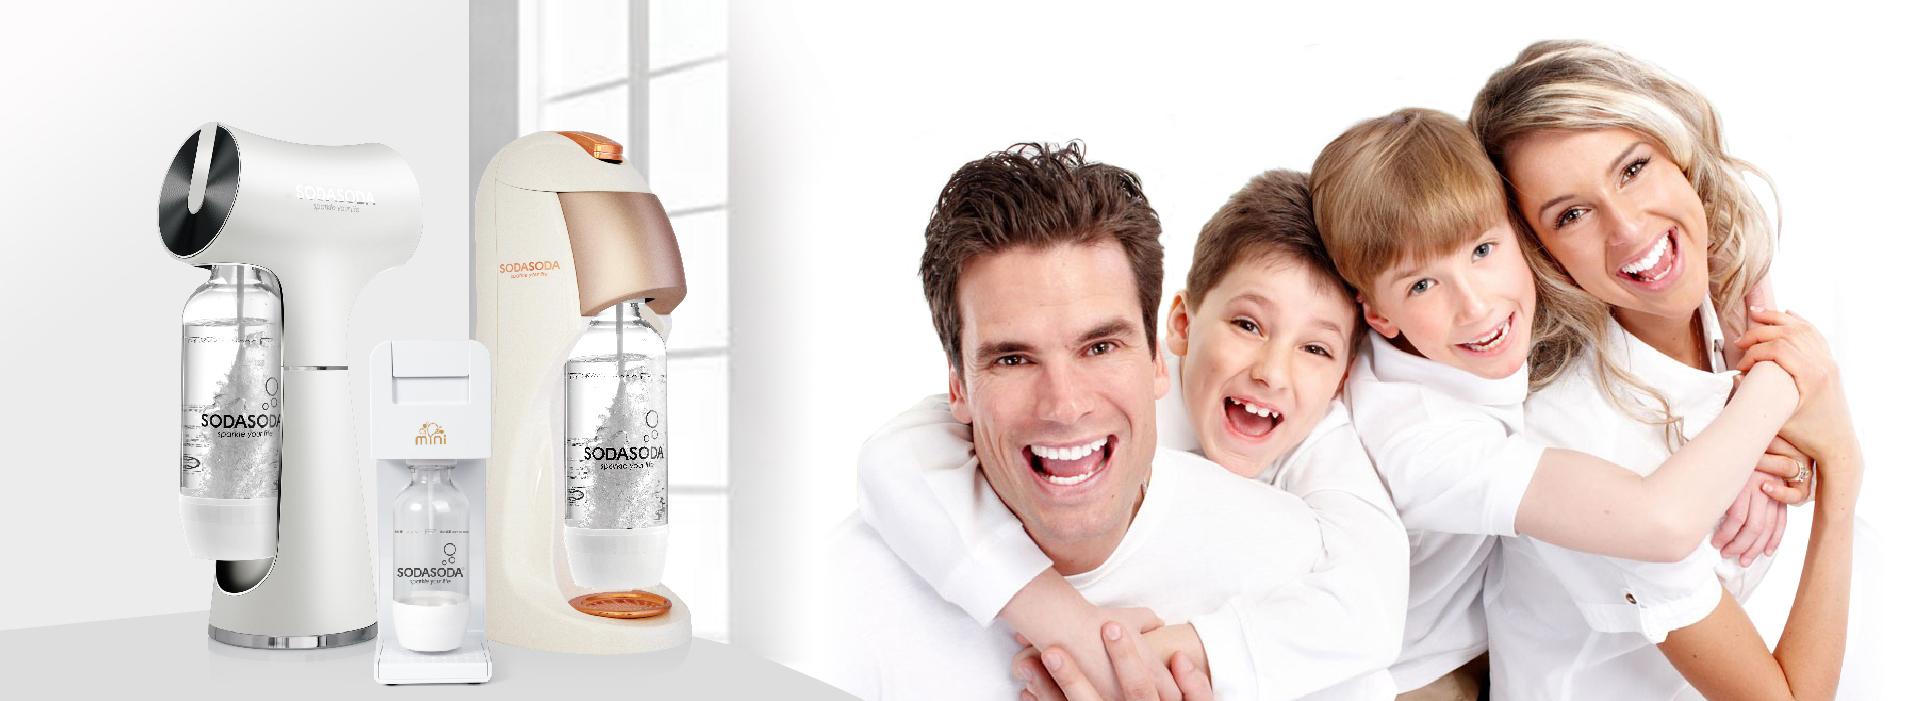 家庭气泡水首选